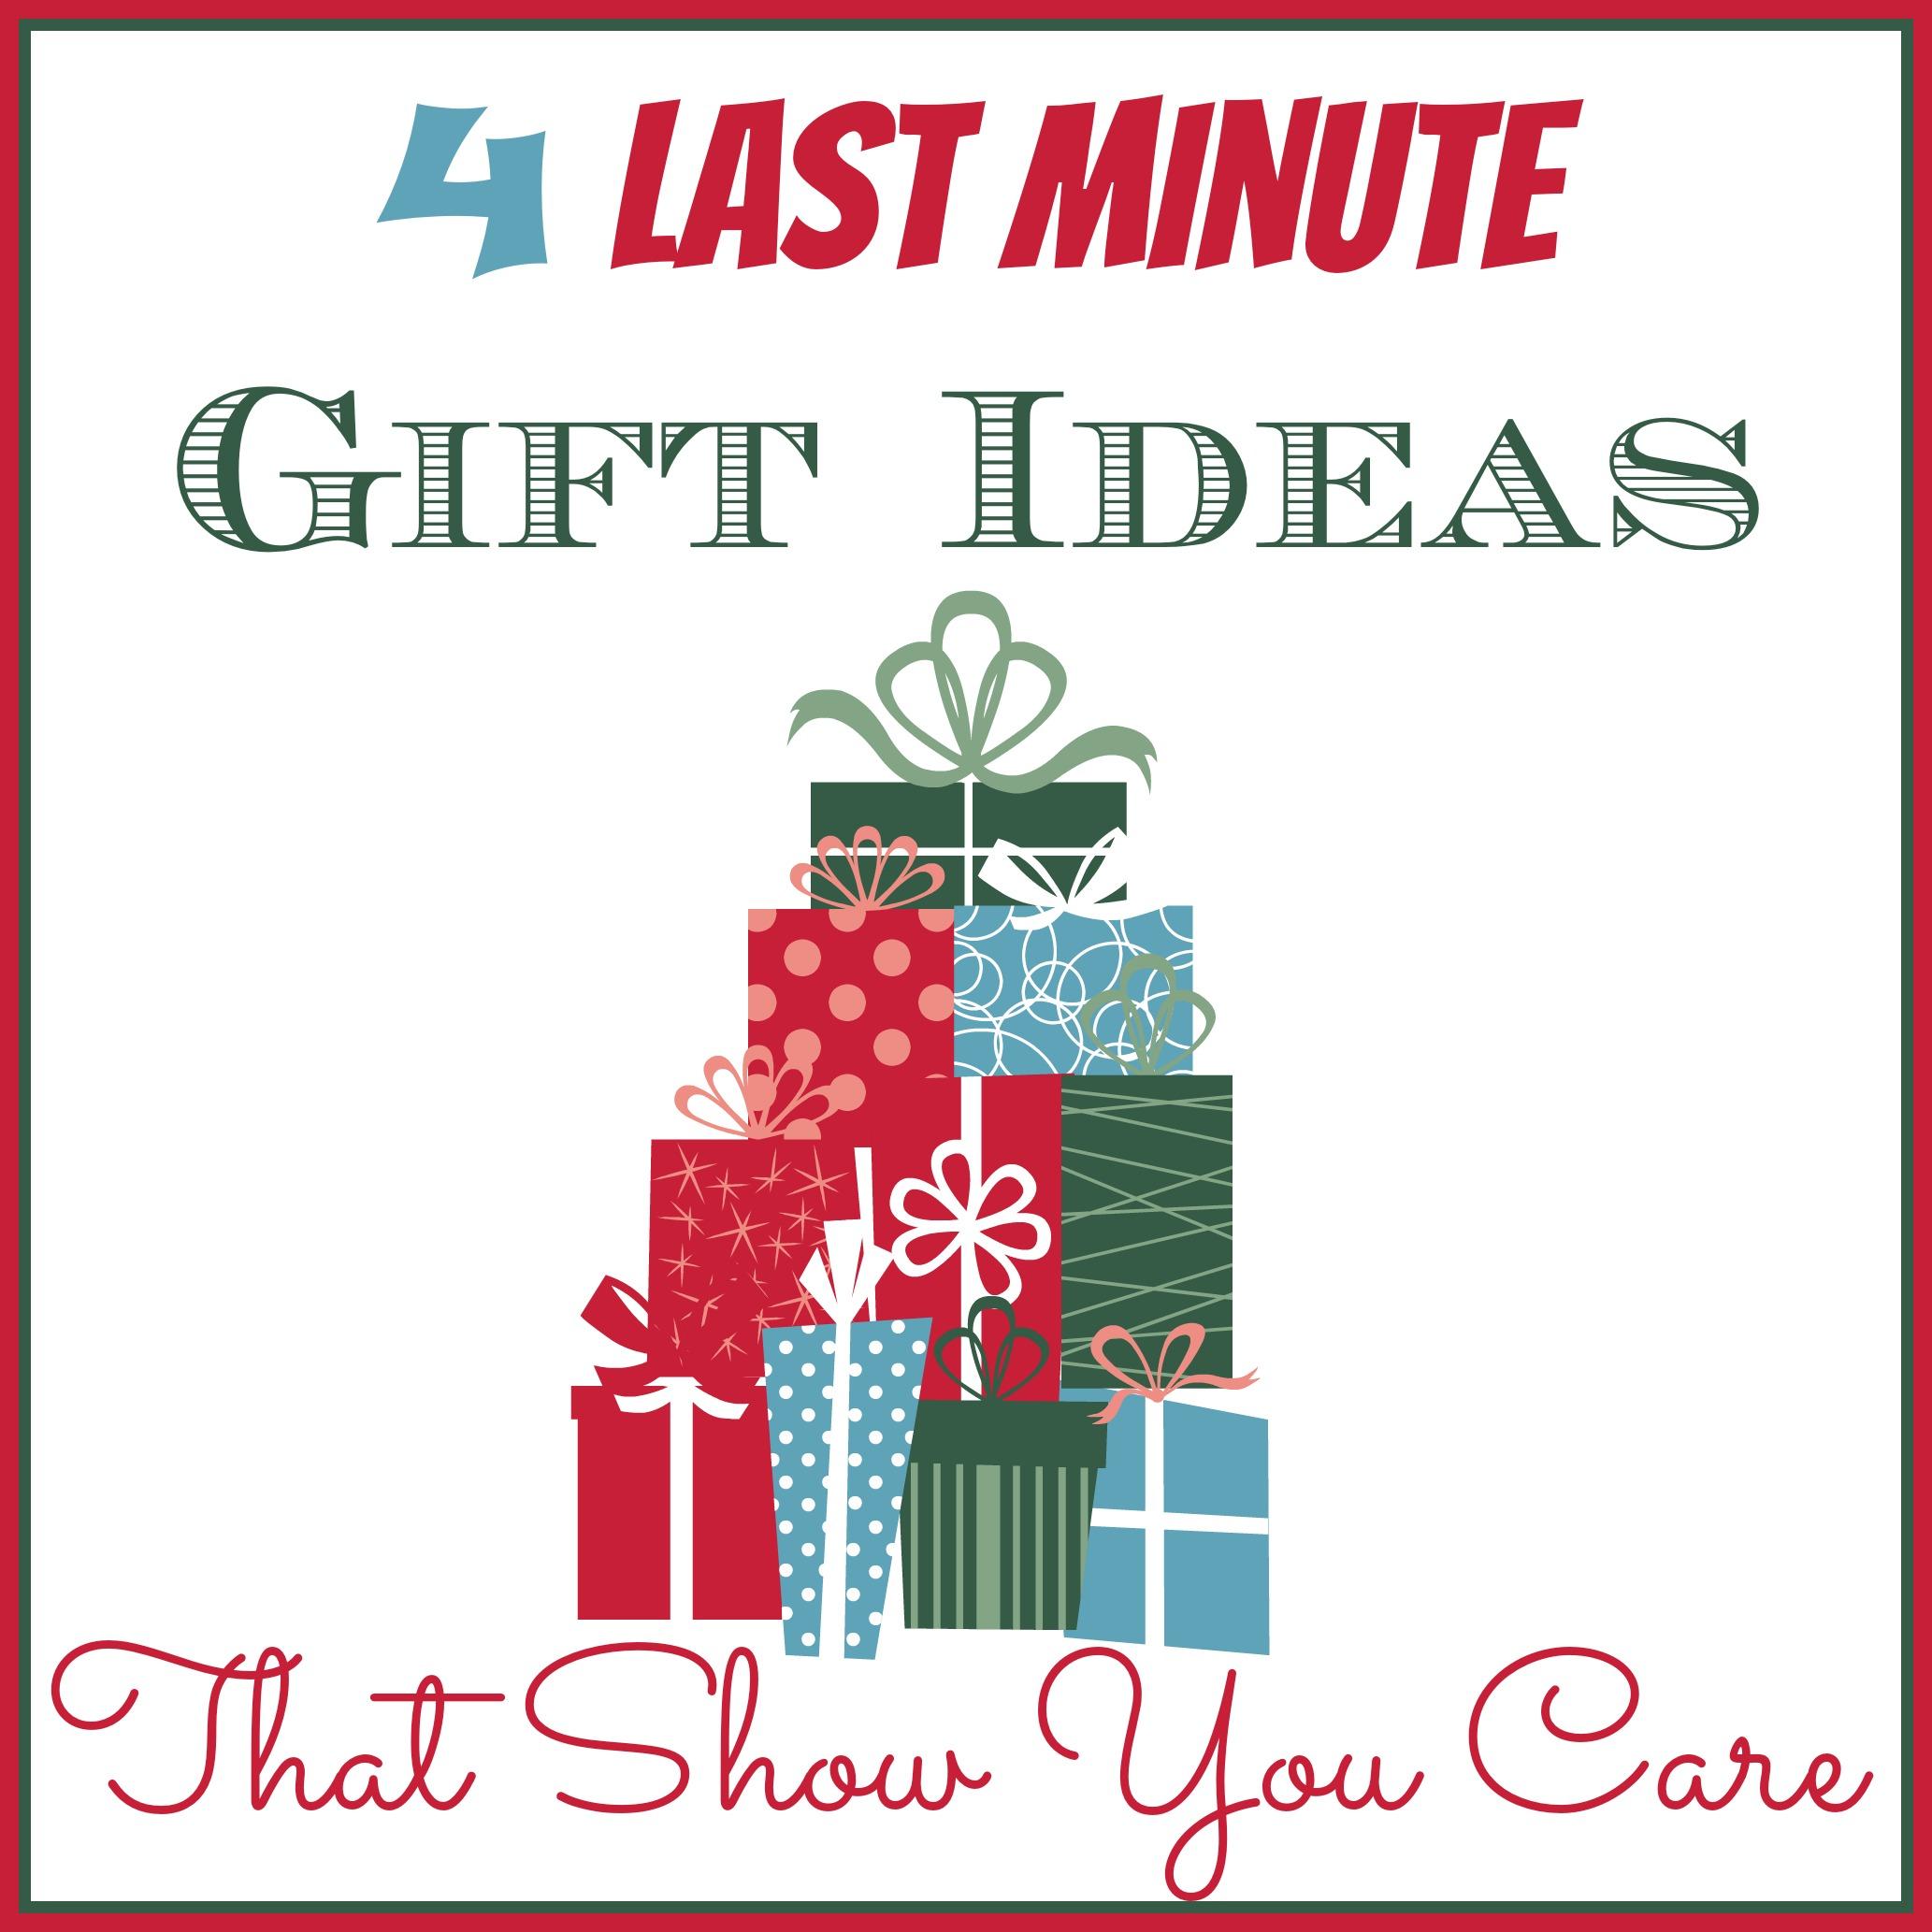 4 Last Minute Gift Ideas